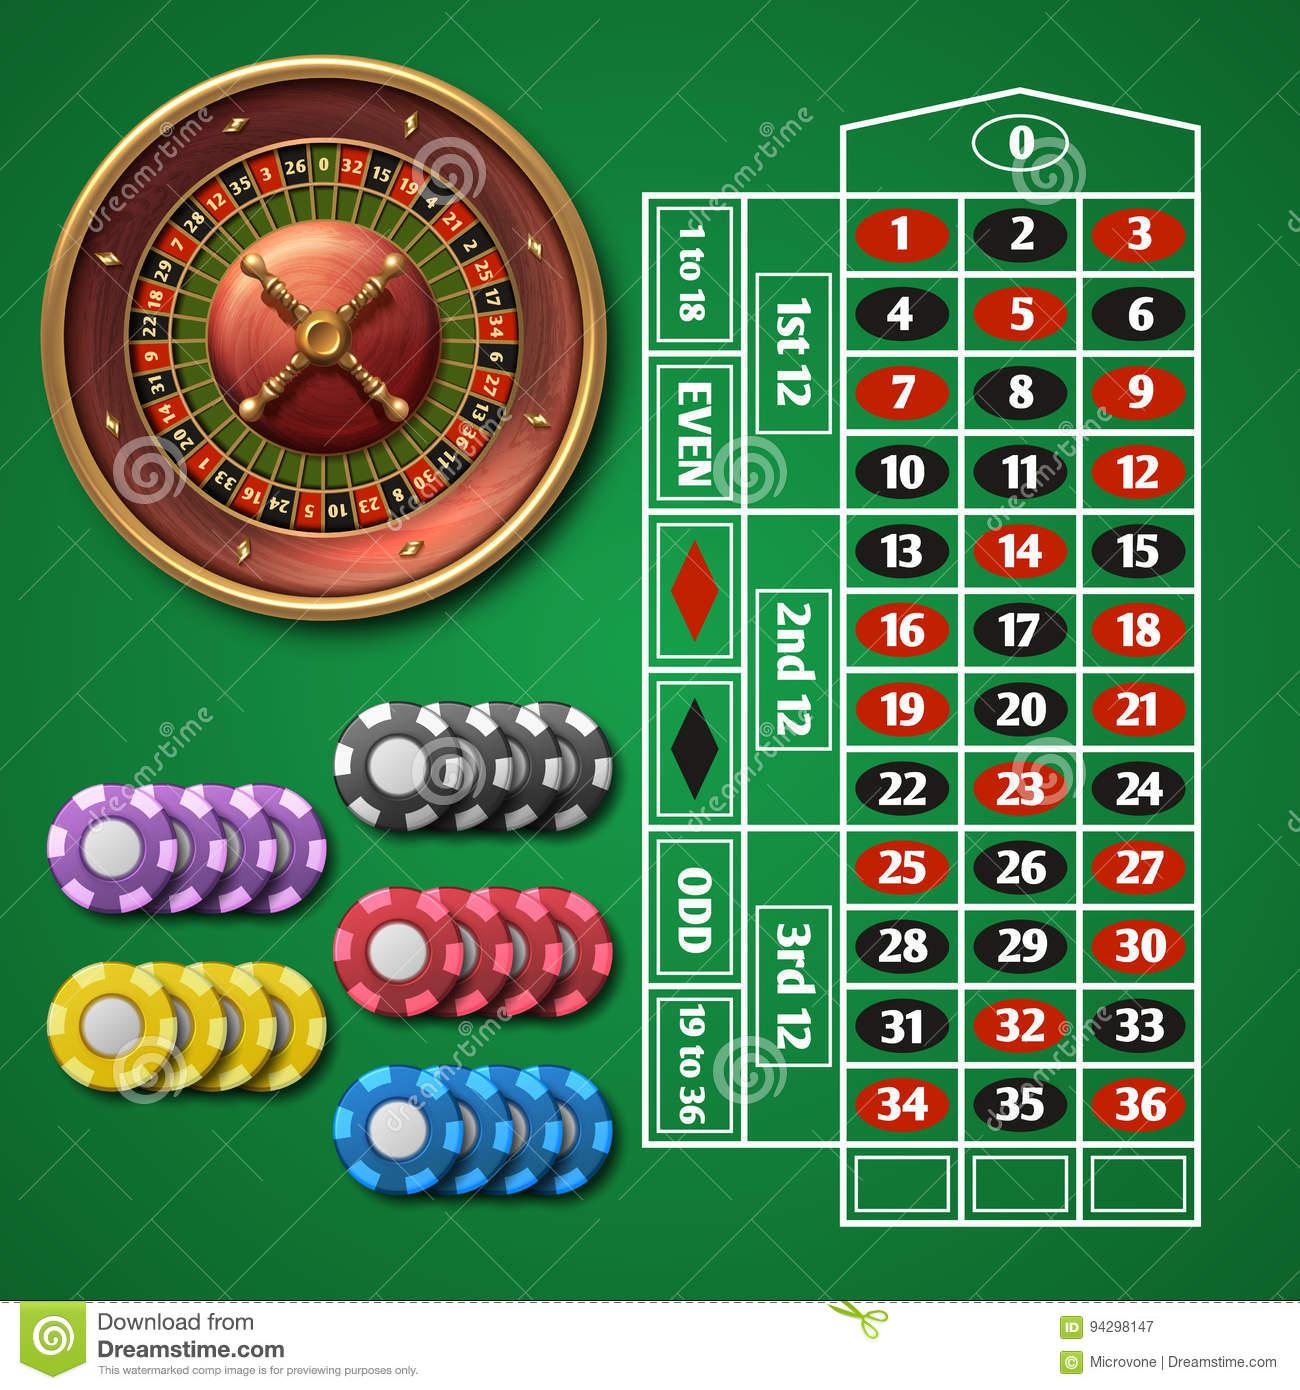 Супероматик скачать казино